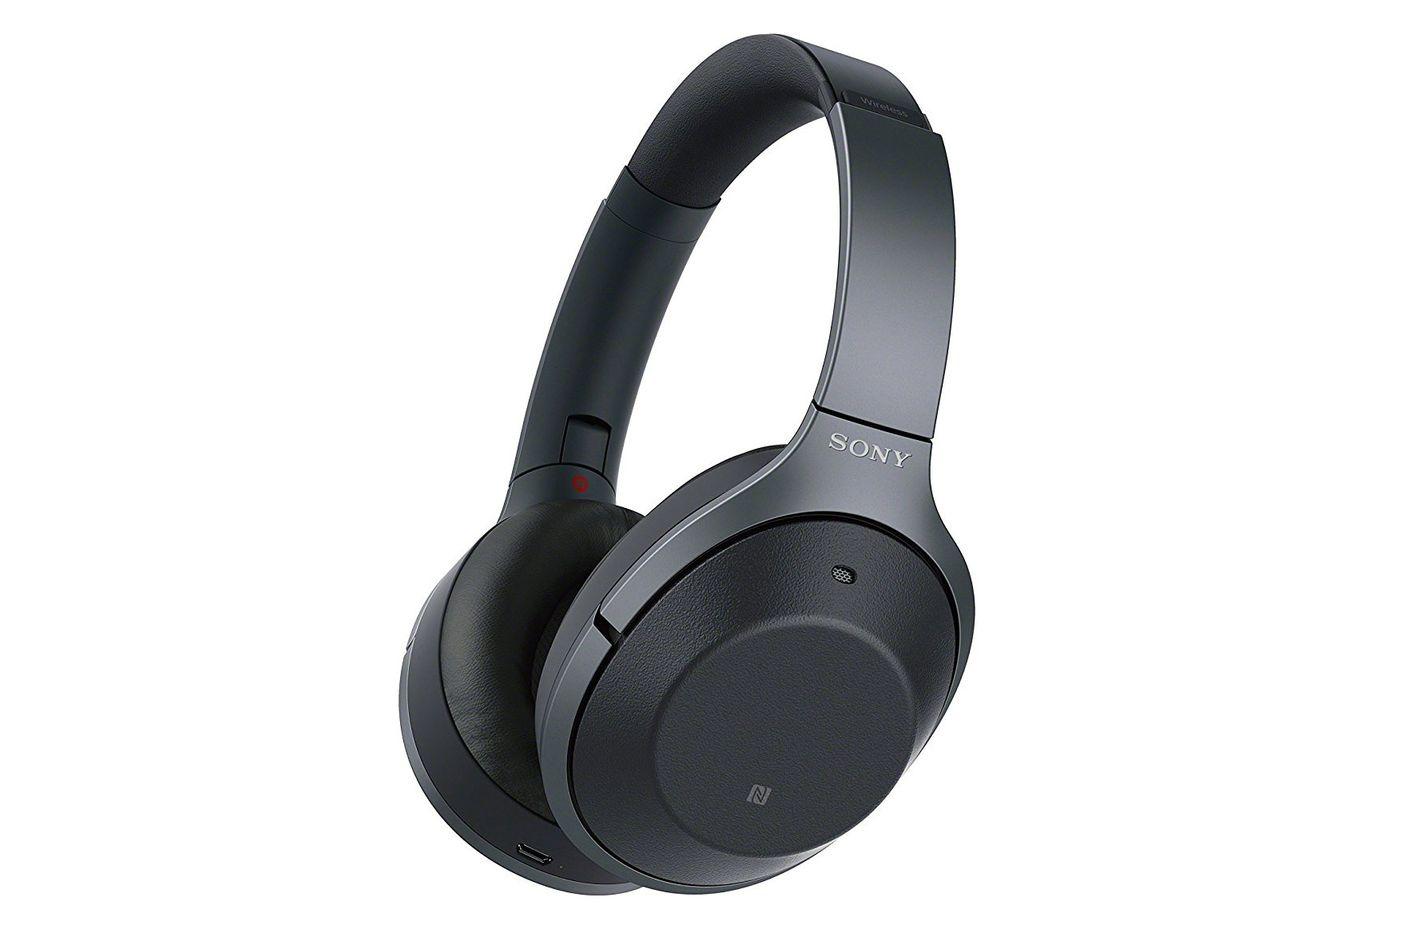 Sony WH1000XM2 Premium Noise Canceling Wireless Headphones